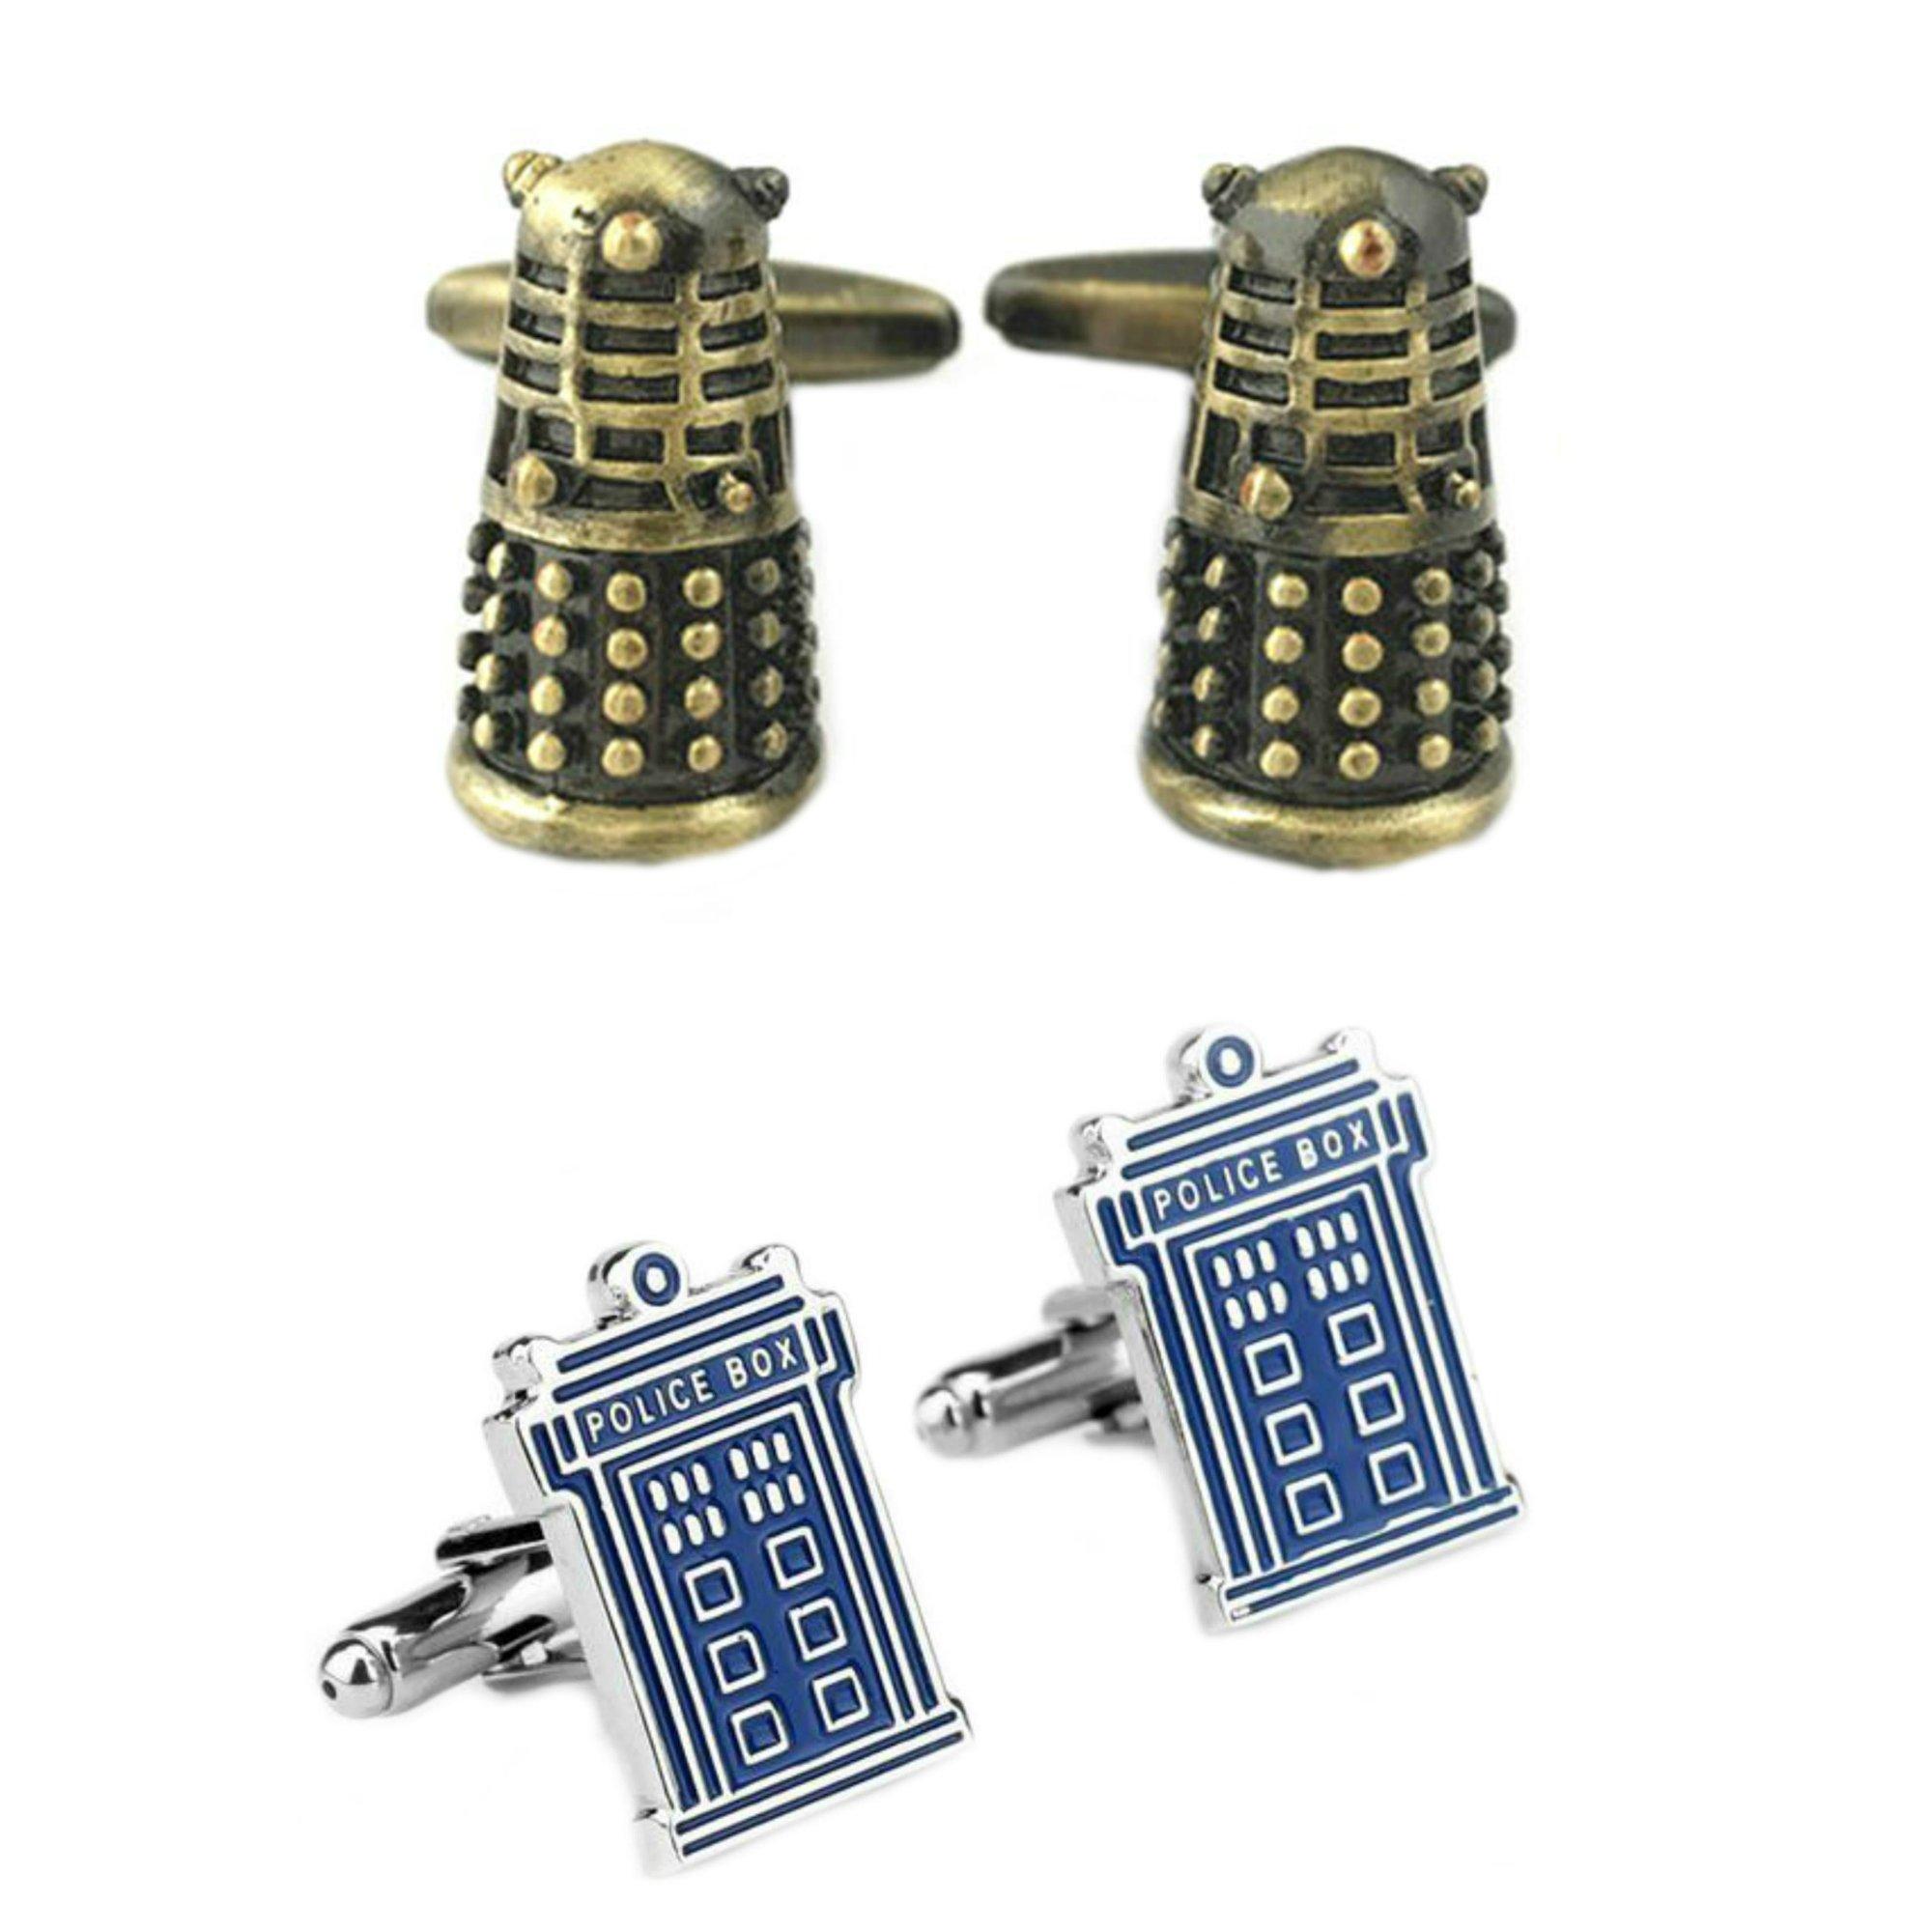 Outlander Gear Doctor Who 2 Pairs Dalek Bronze & TARDIS Superhero 2018 Sci-fi TV Series Wedding Groom Groomsmen Mens Boys Cufflinks